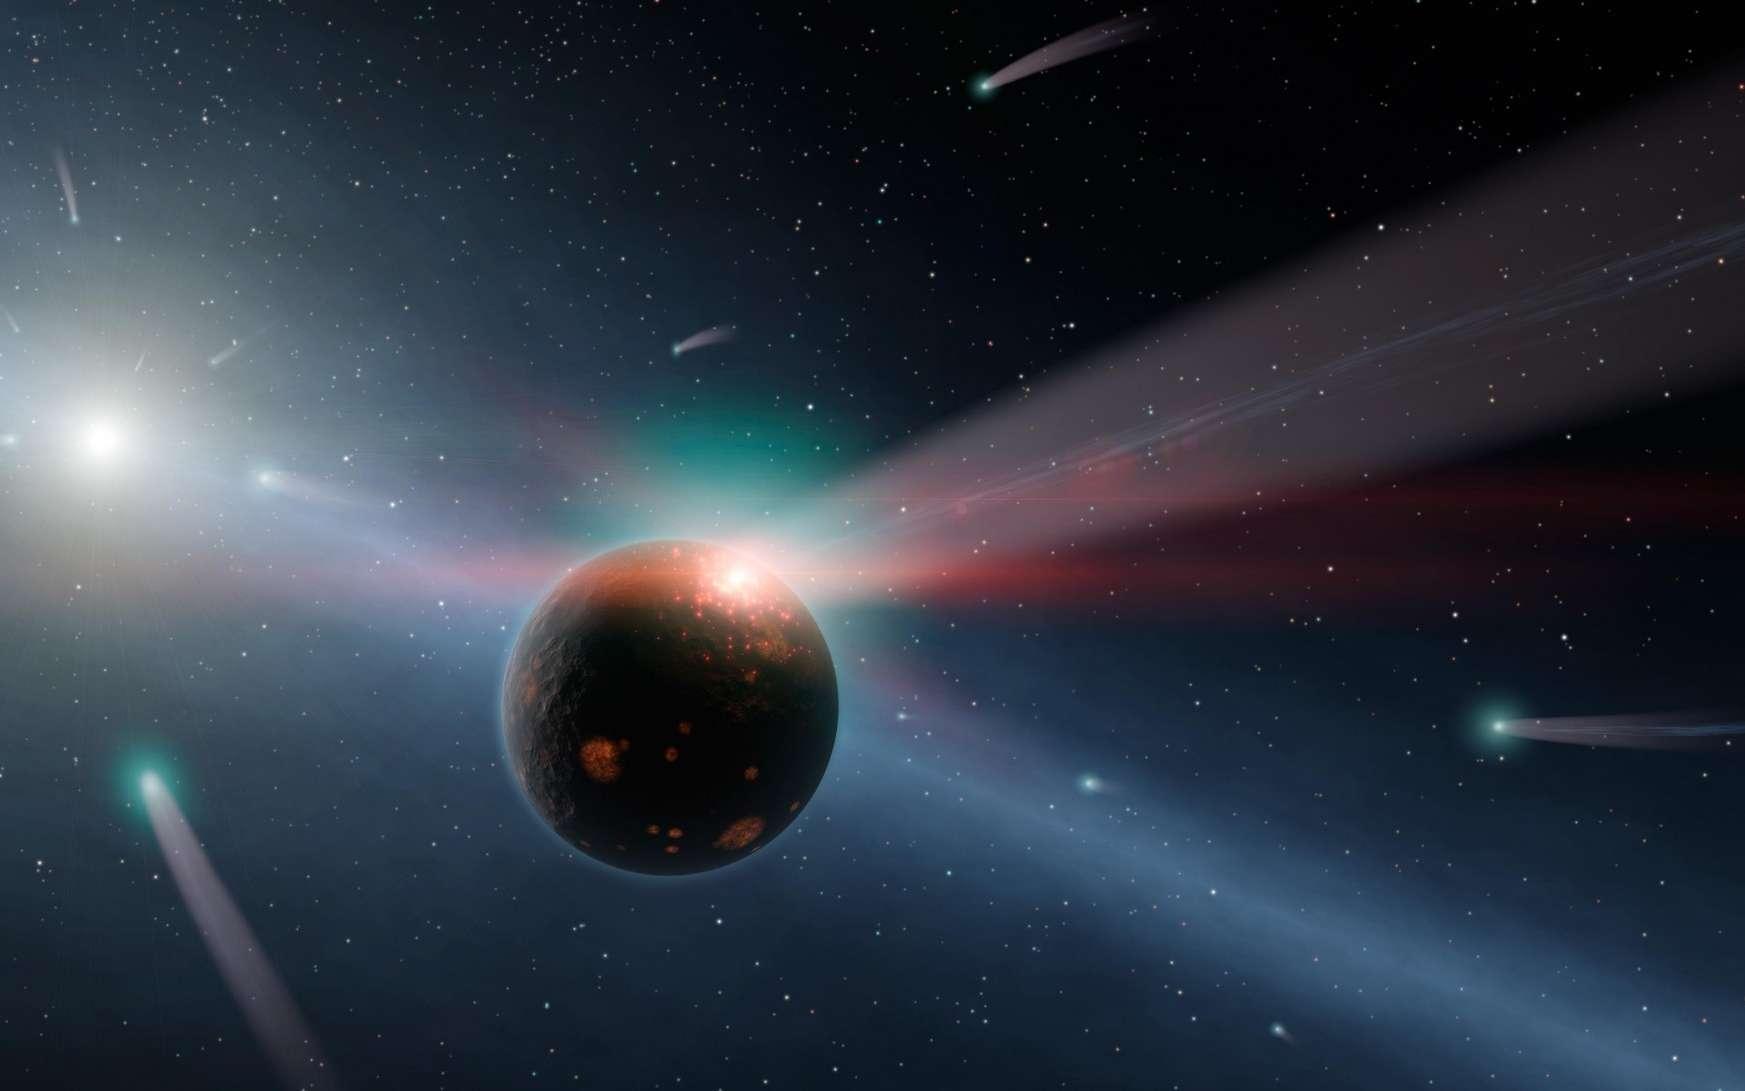 Dans 1,35 million d'années, la Terre et les autres planètes du Système solaire devront faire face à un déluge de comètes inédit. © Nasa, JPL-Caltech